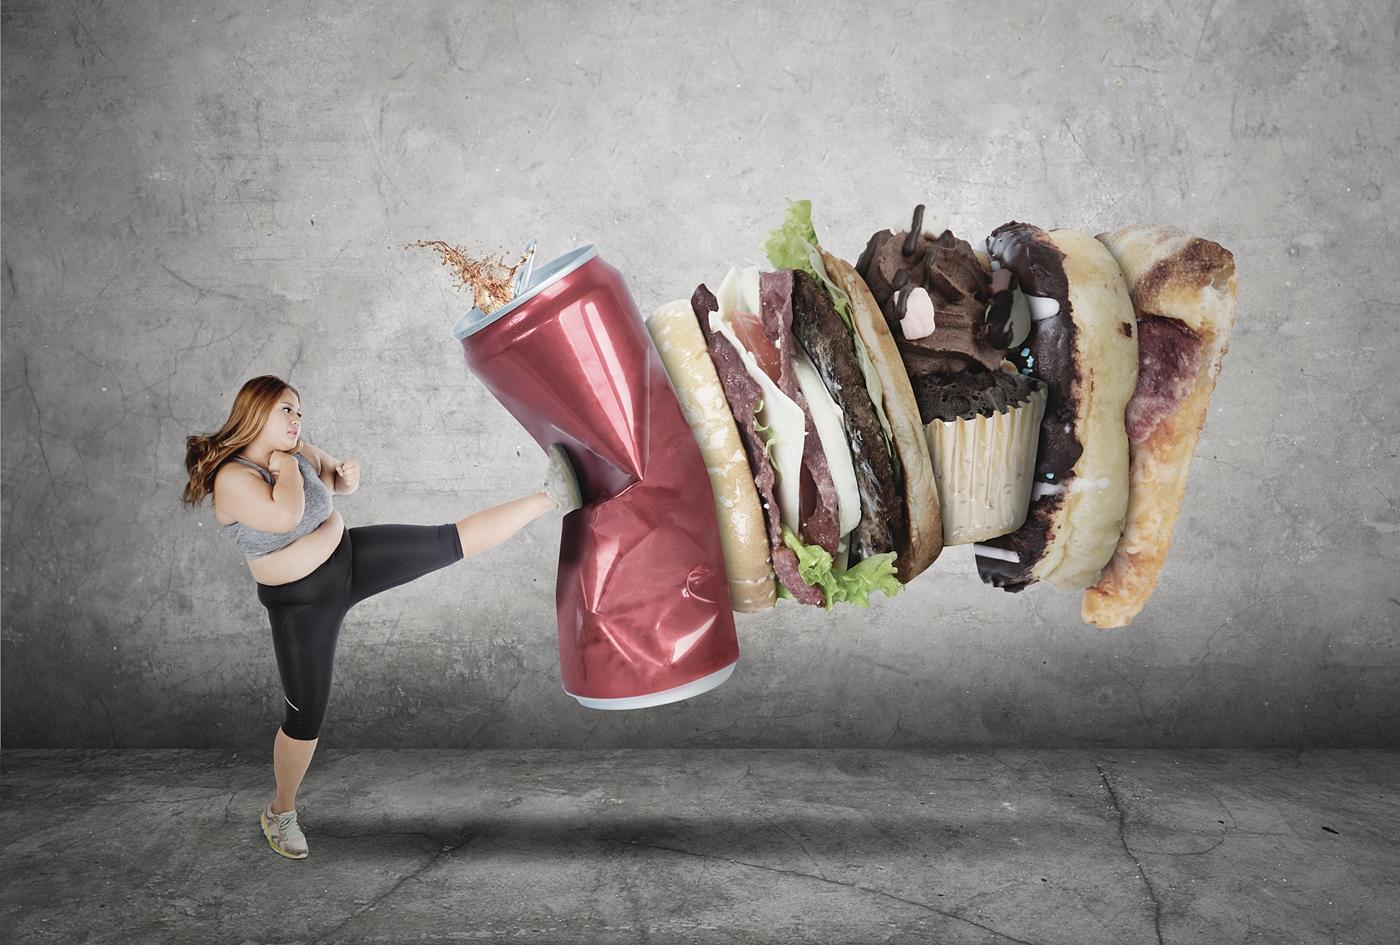 カロリーの高い食べ物を拒否する女性